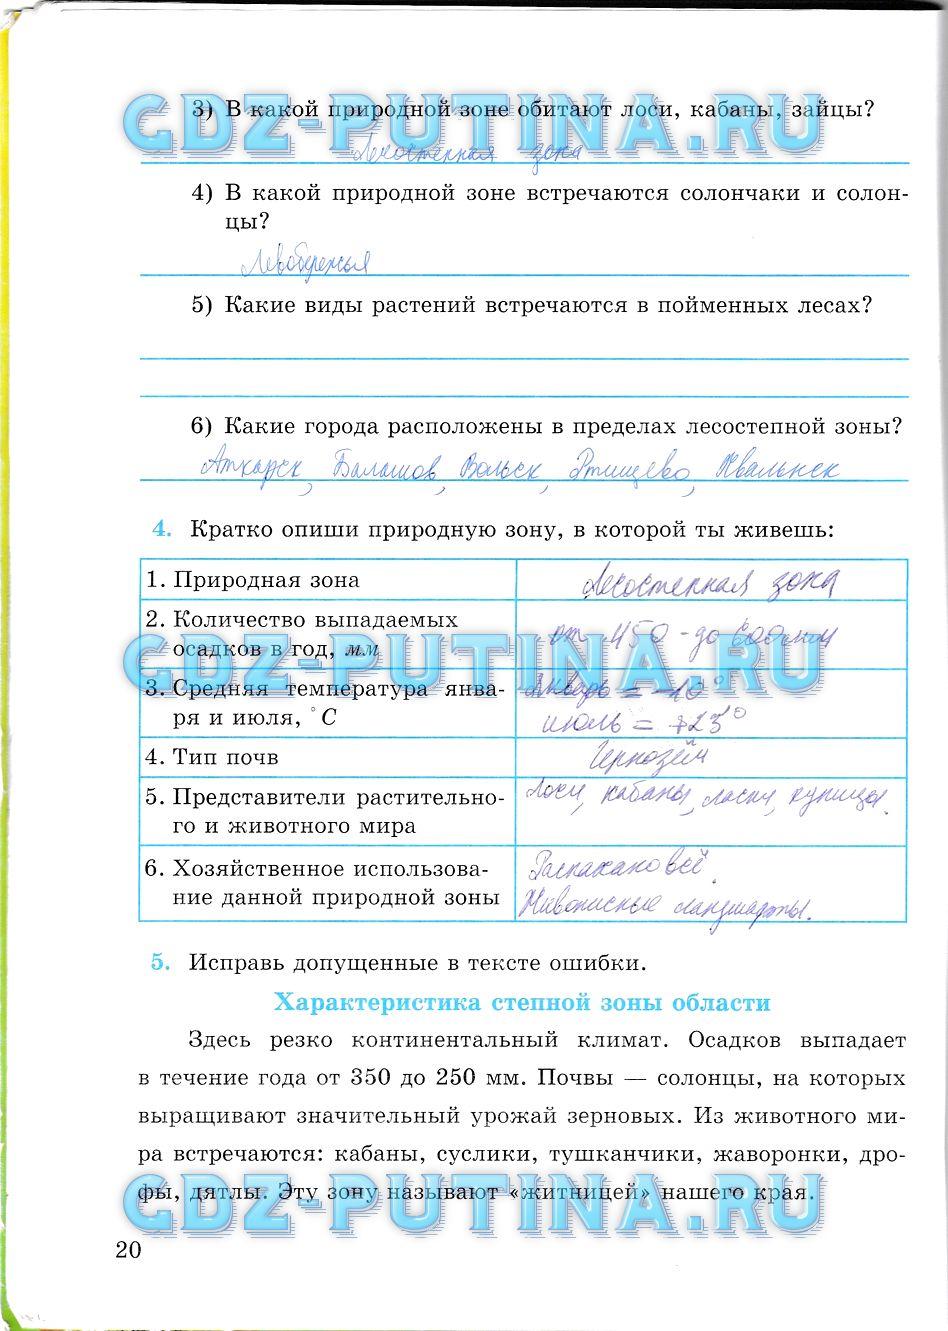 ответы рабочая немыкин класс по тетрадь краеведению гдз за 7